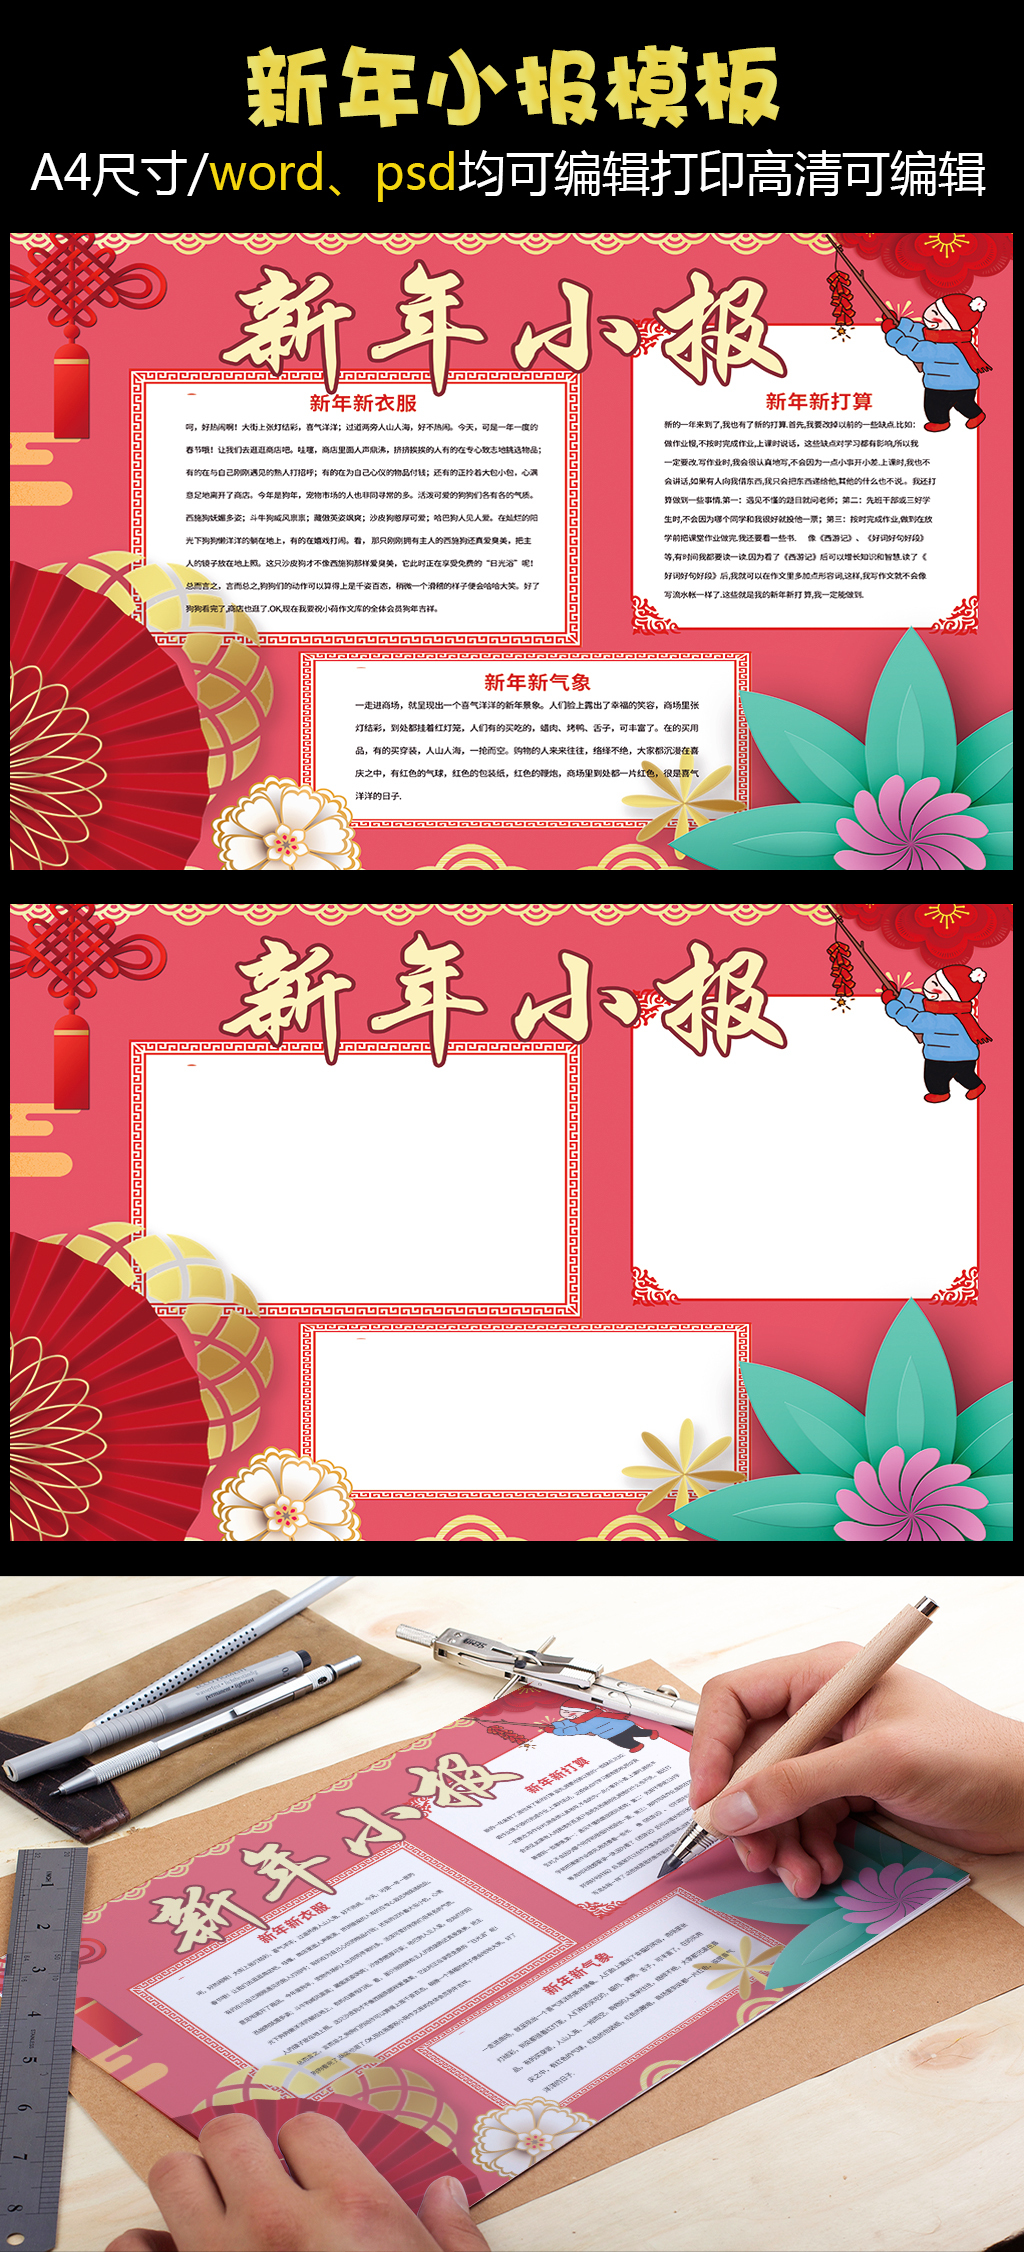 新年小报狗年春节小报模板